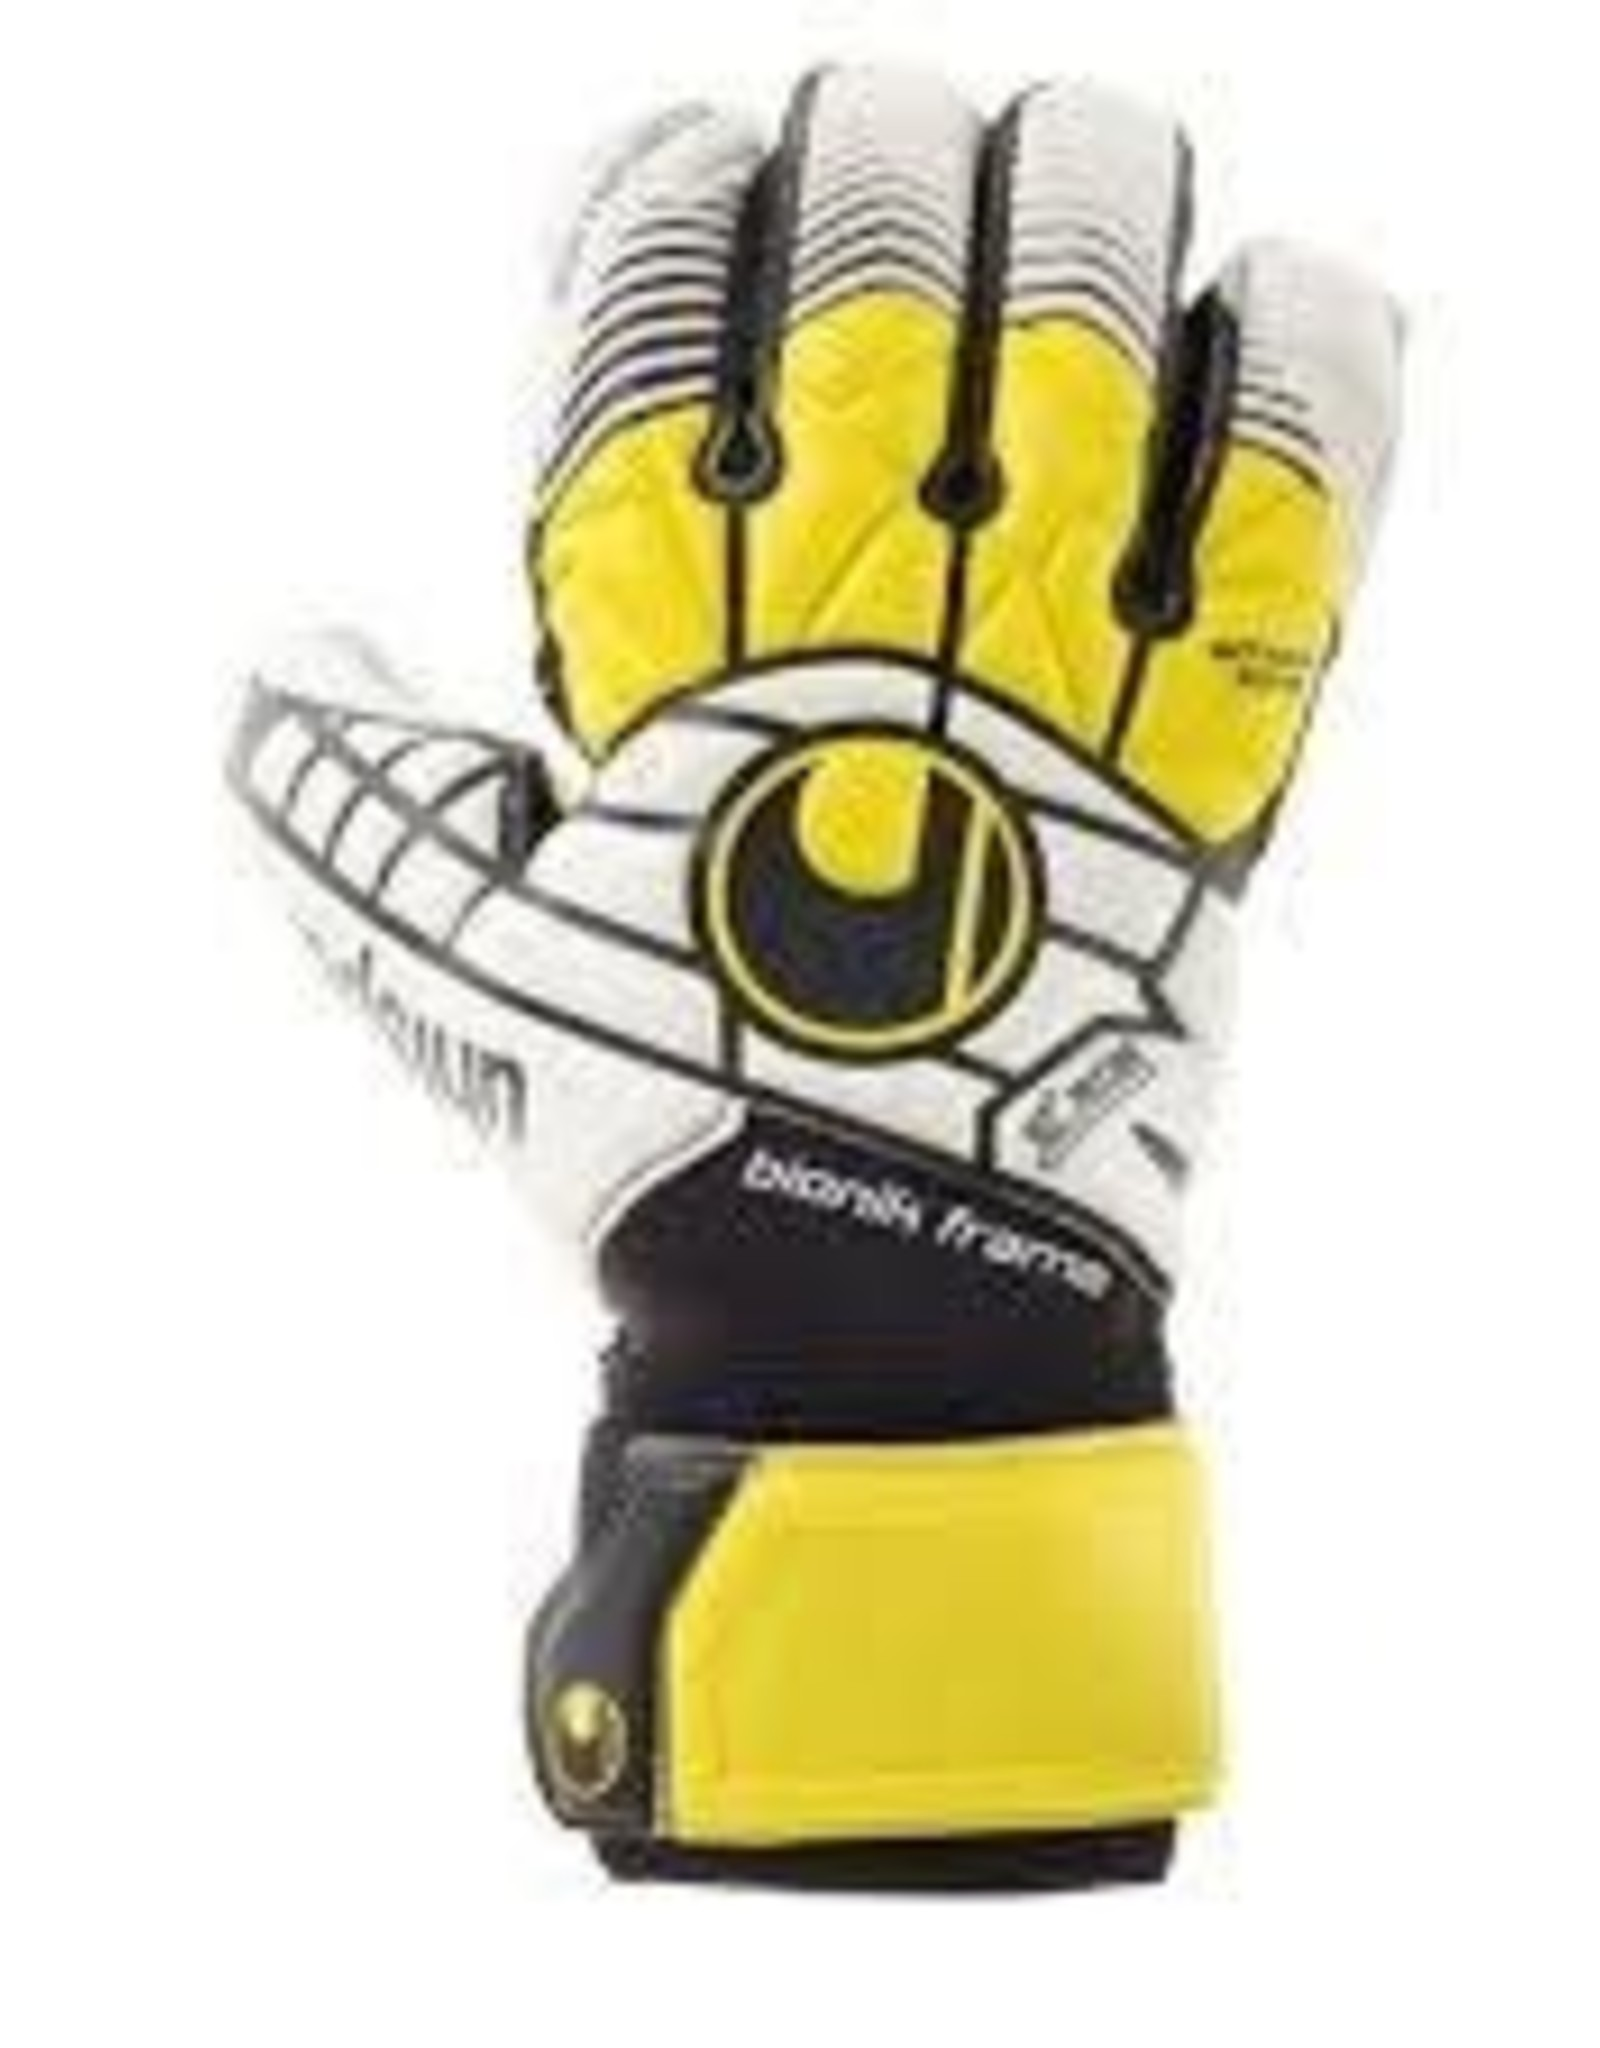 Uhlsport Uhlsport Elim Supersoft Fingersave Glove